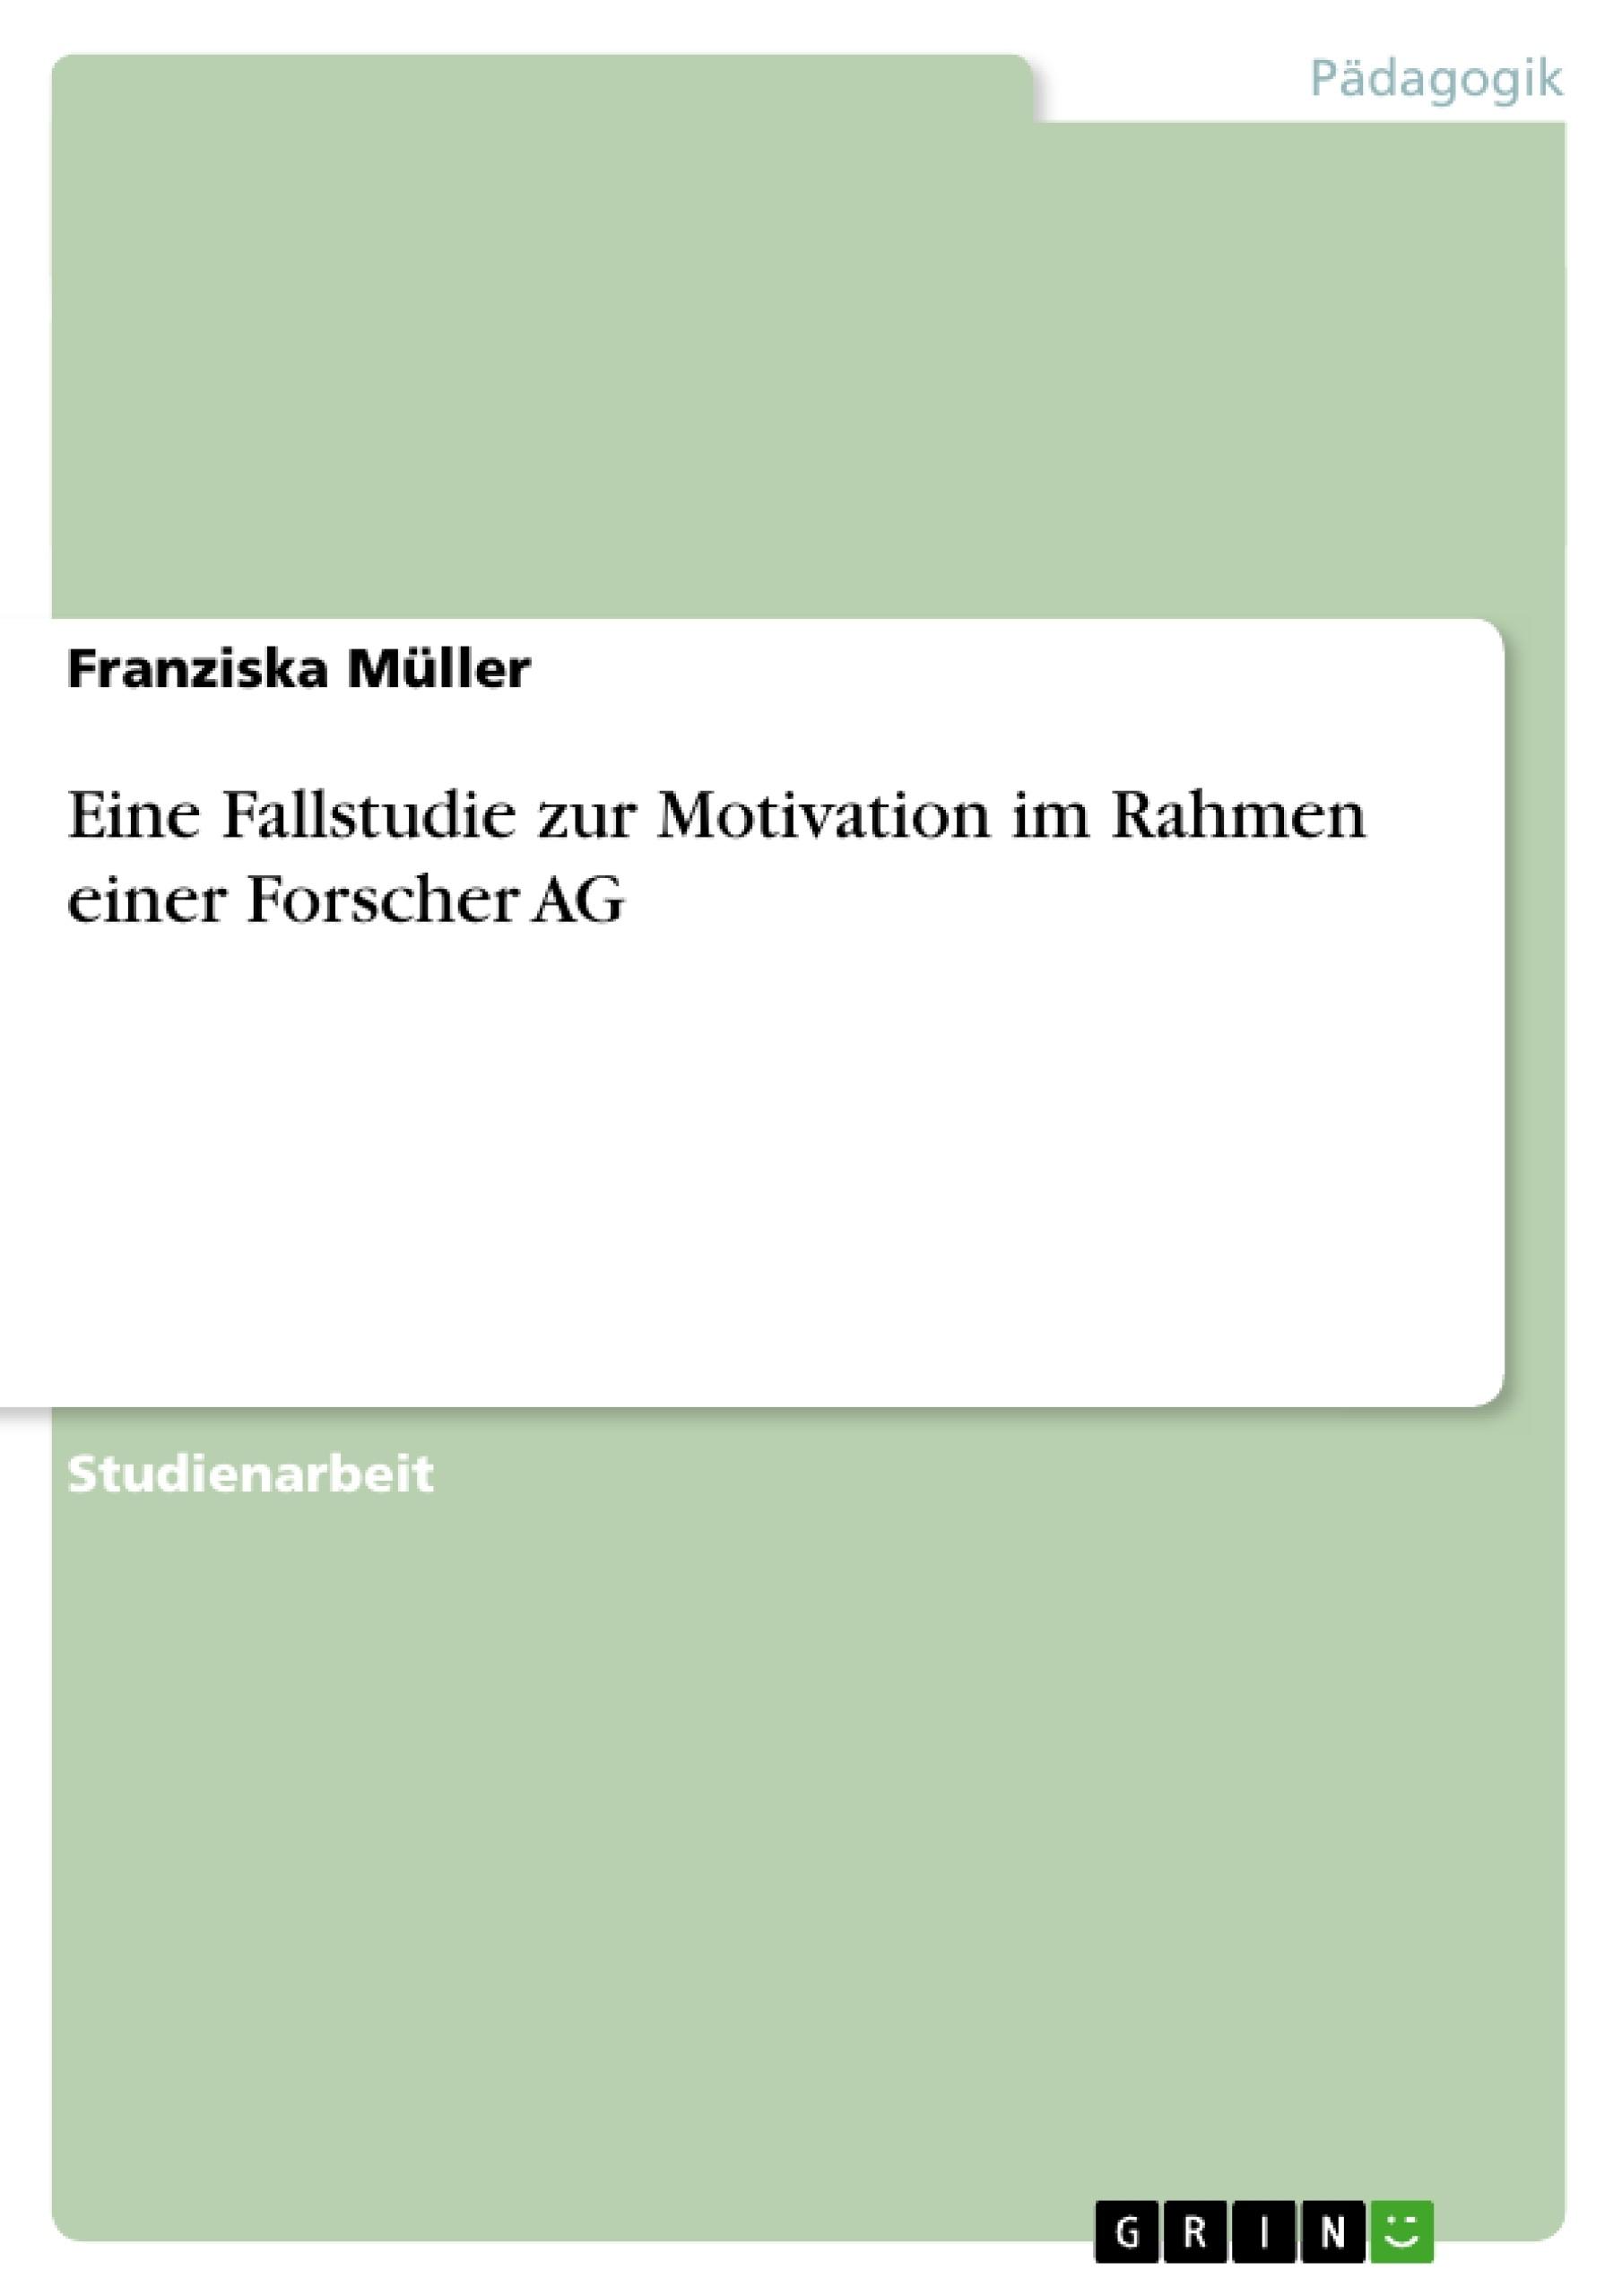 Titel: Eine Fallstudie zur Motivation im Rahmen einer Forscher AG